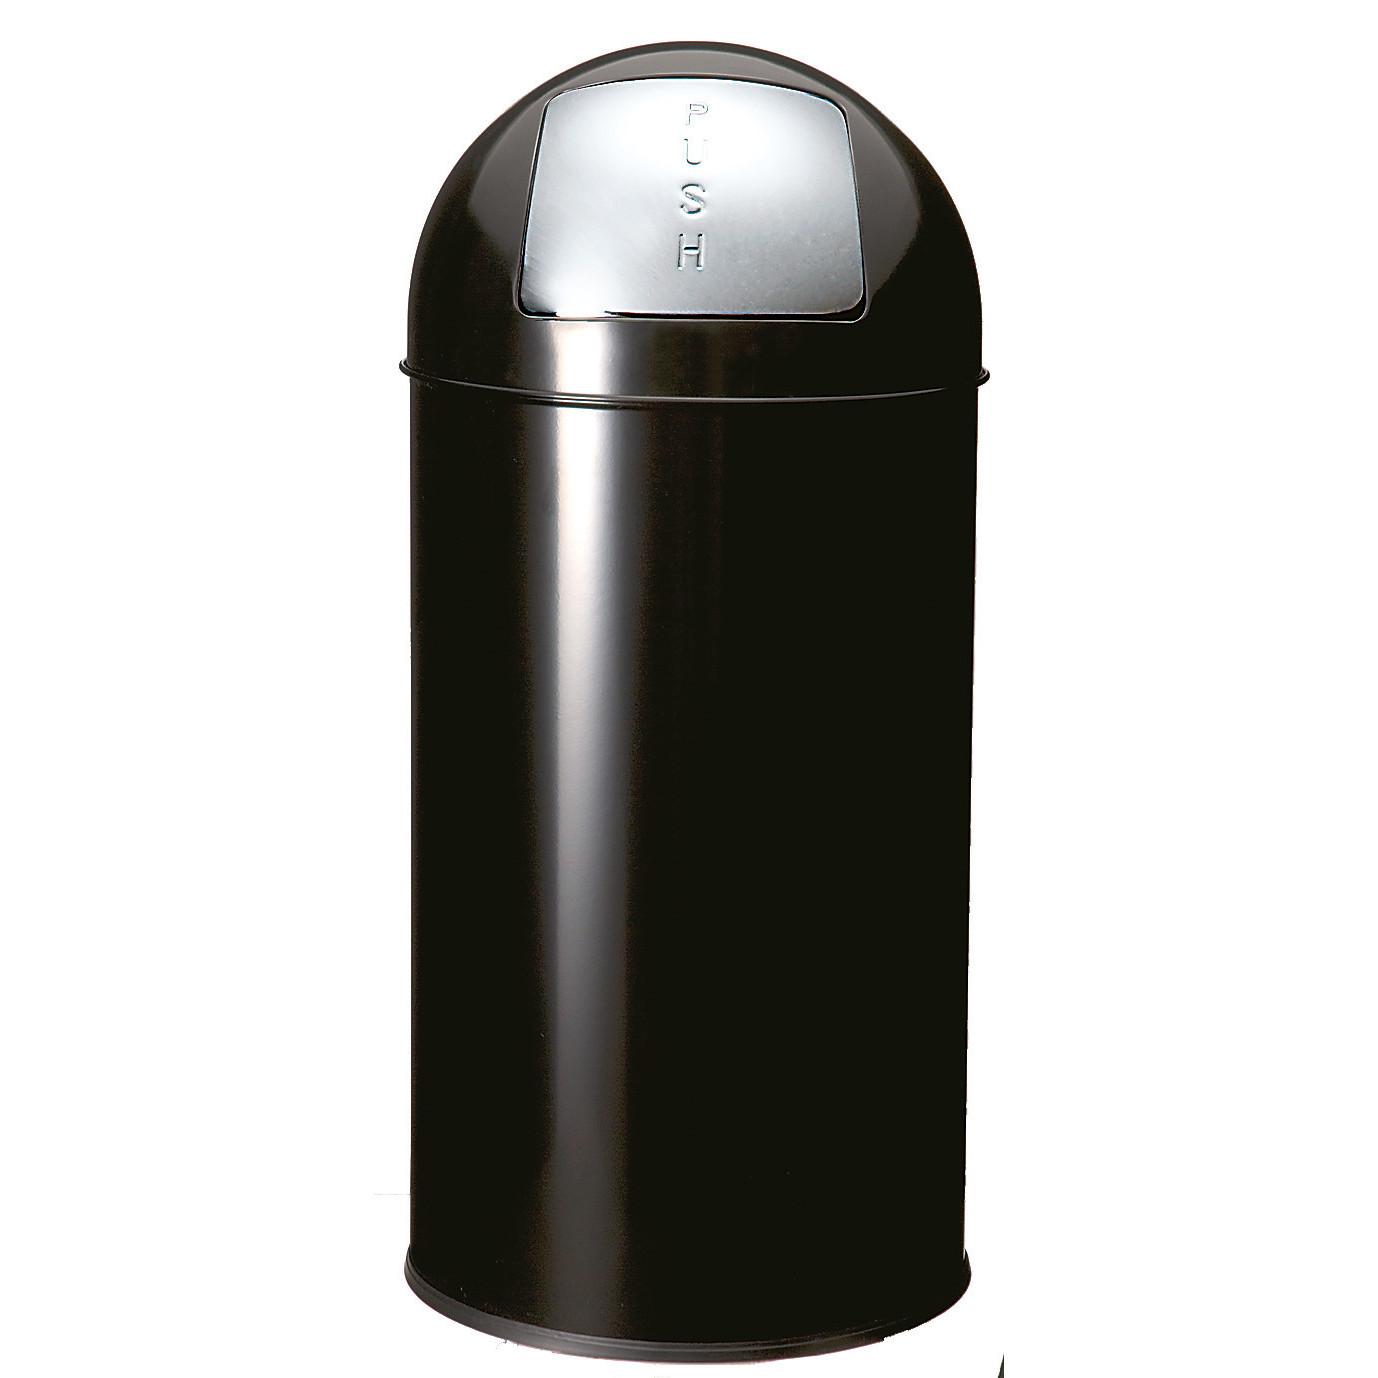 Abfallbehälter, mit Push-Deckel, 40,0 l, rund, Metall schwarz